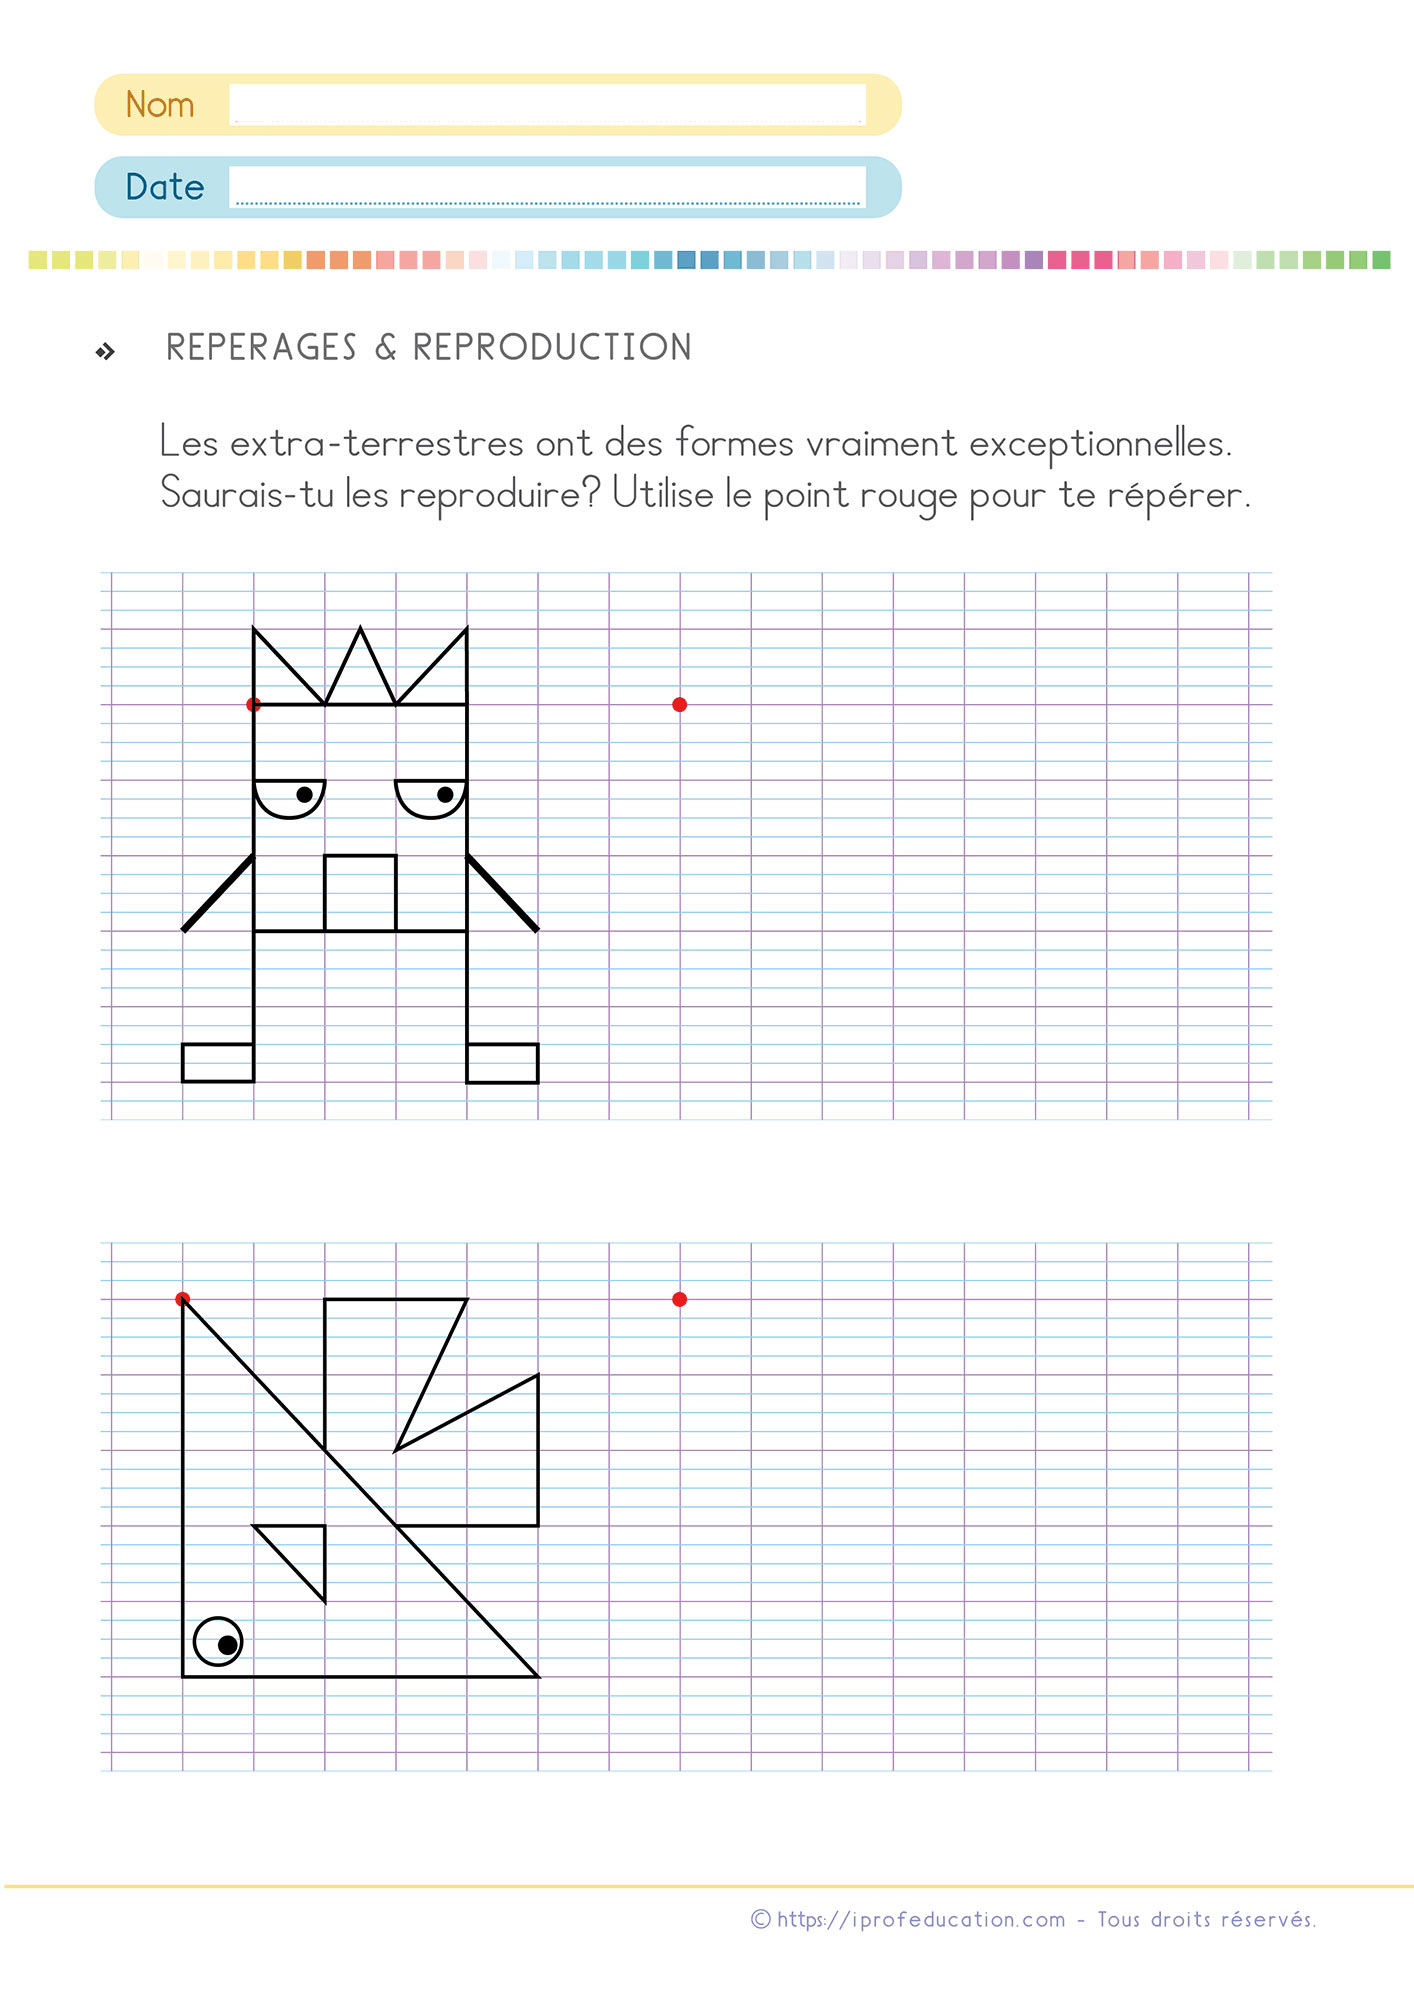 Exercices De Math Cp Ce1 | Pdf Fiches De Mathématiques Cp Ce1 destiné Évaluation Reproduction Sur Quadrillage Ce1